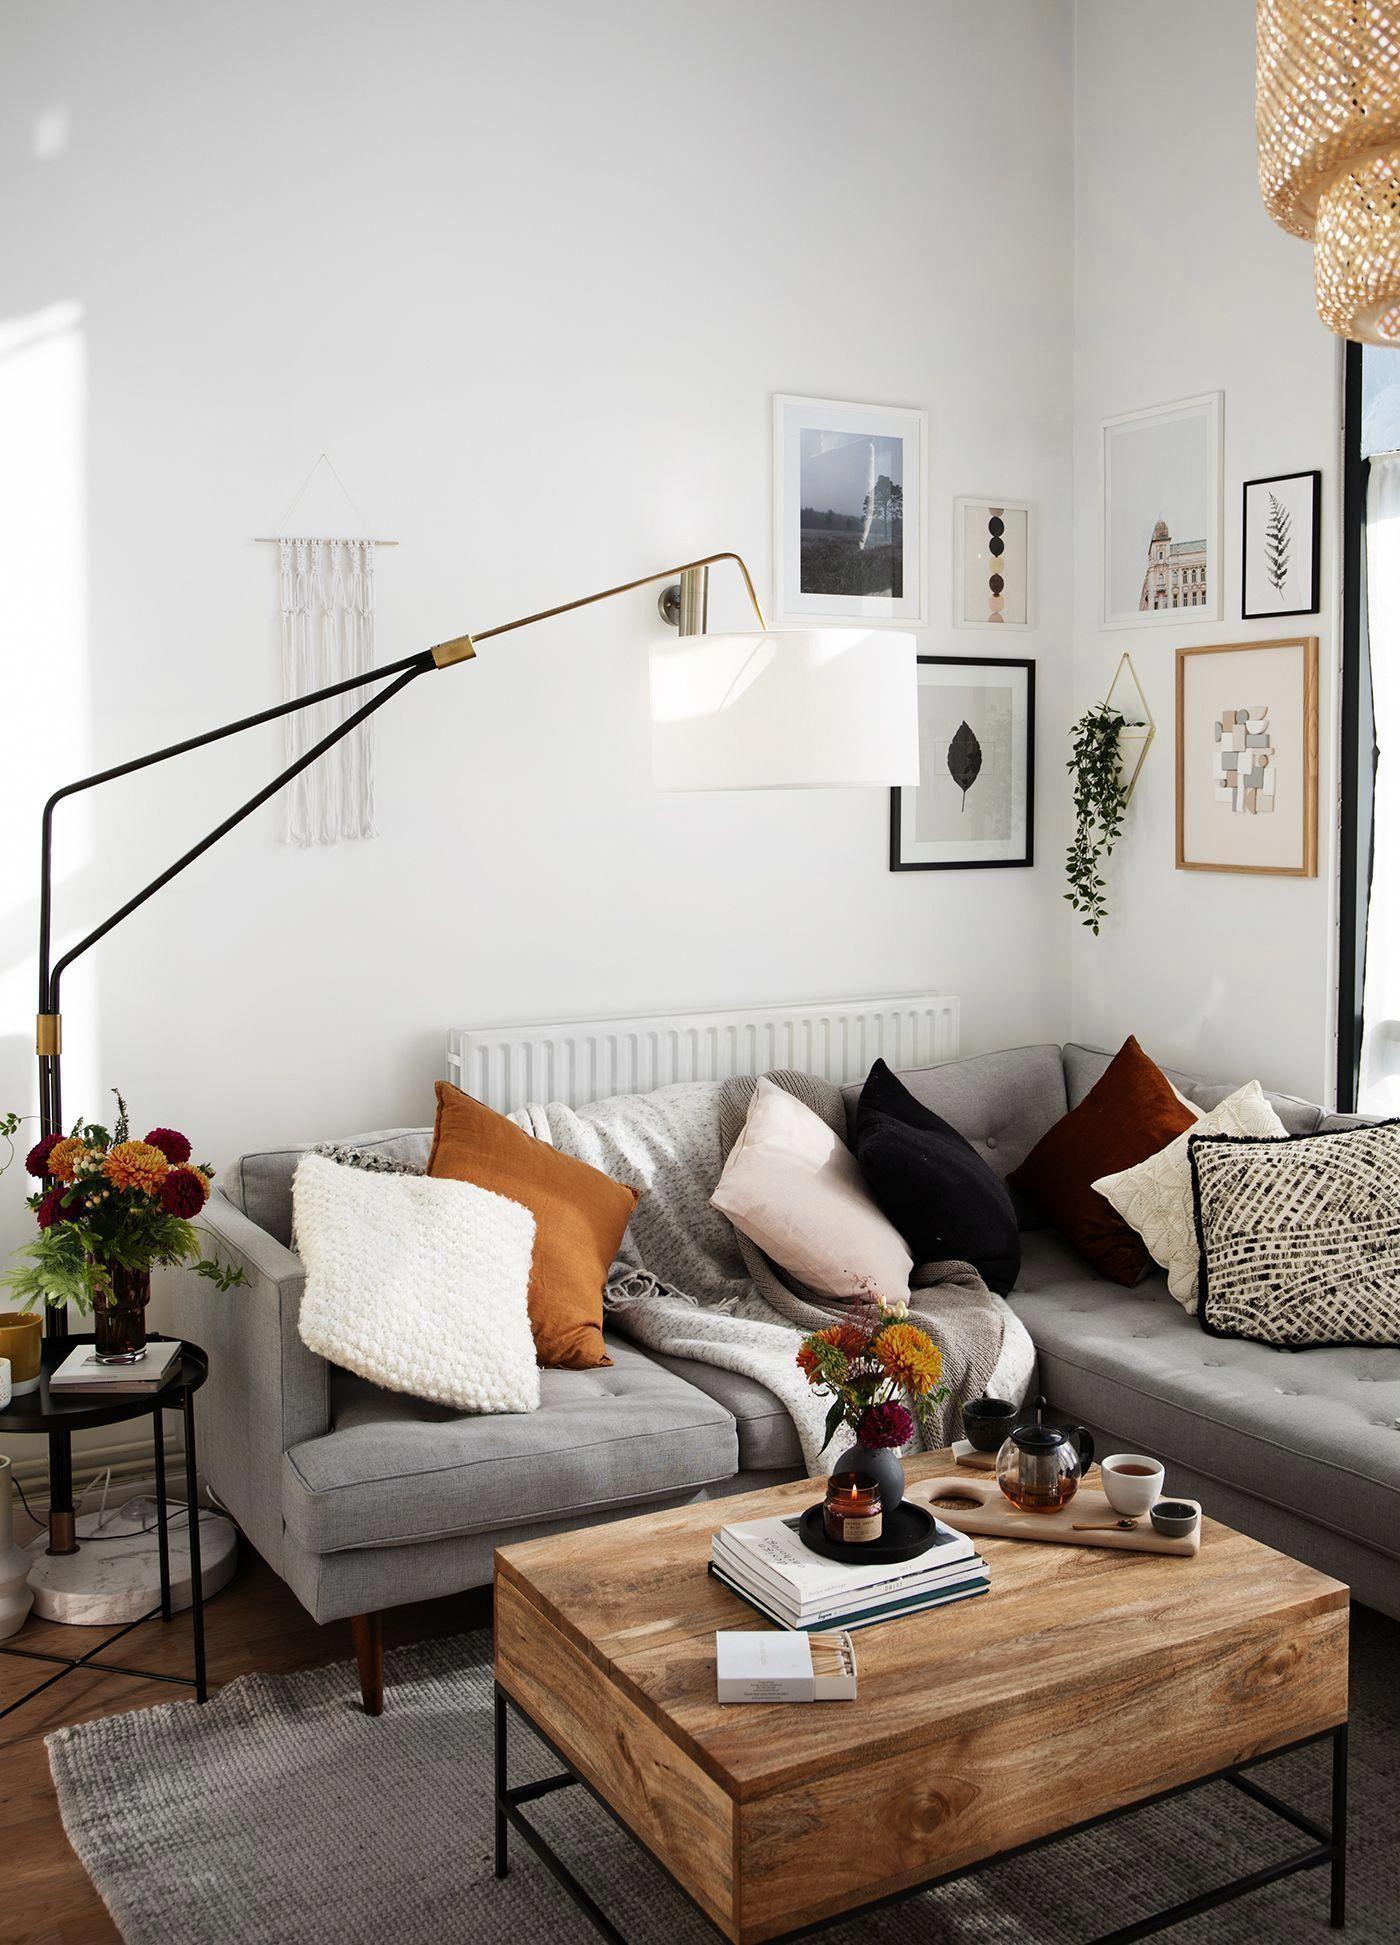 Funny Doormats Welcome To Brighten Your Home In 2020 Living Room Scandinavian Living Room Interior Simple Living Room